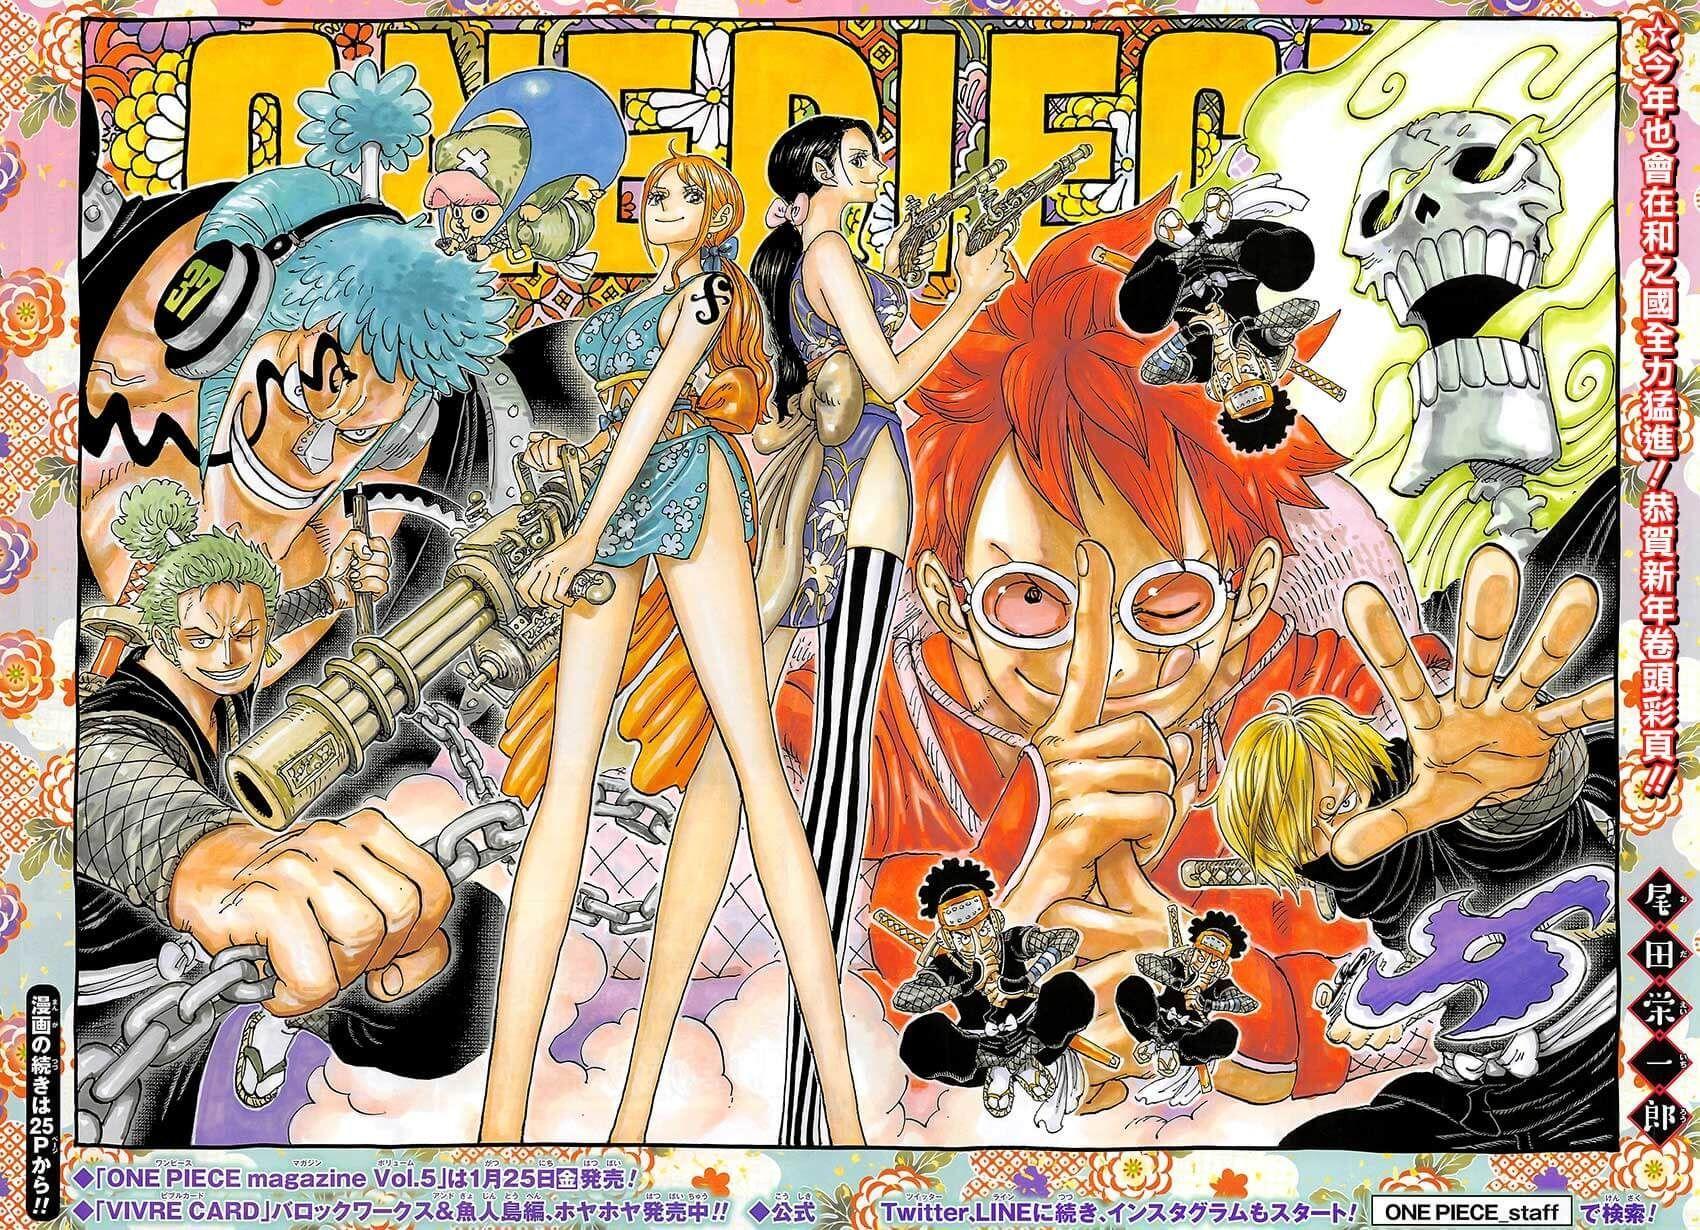 comic animation 动画 漫画 おしゃれまとめの人気アイデア pinterest eno サンジ イラスト 尾田栄一郎 ルフィ かわいい